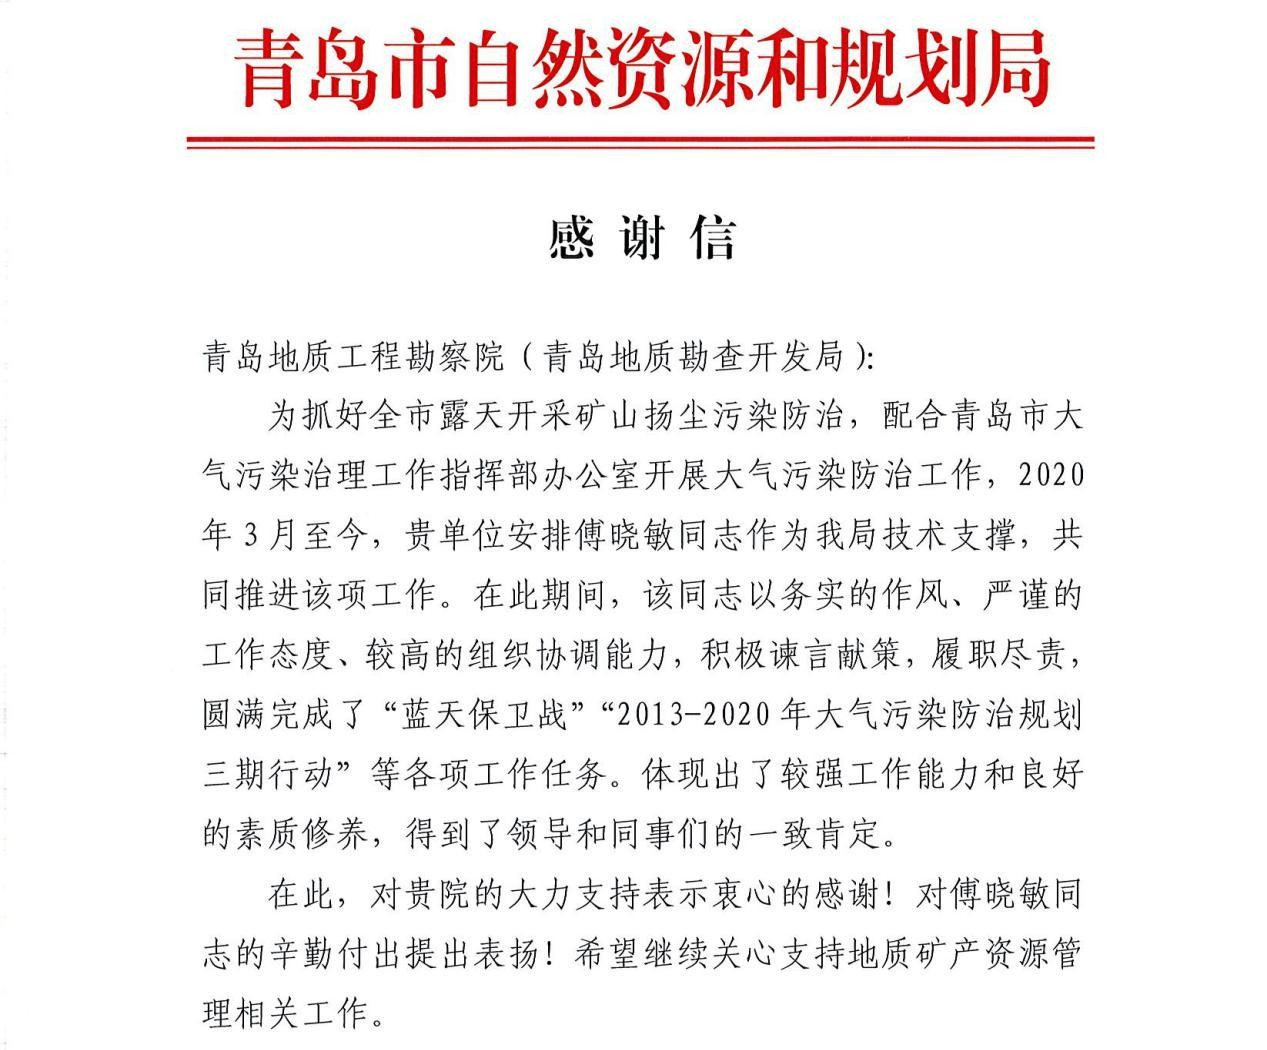 青岛地质院收到青岛市自然资源和规划局感谢信